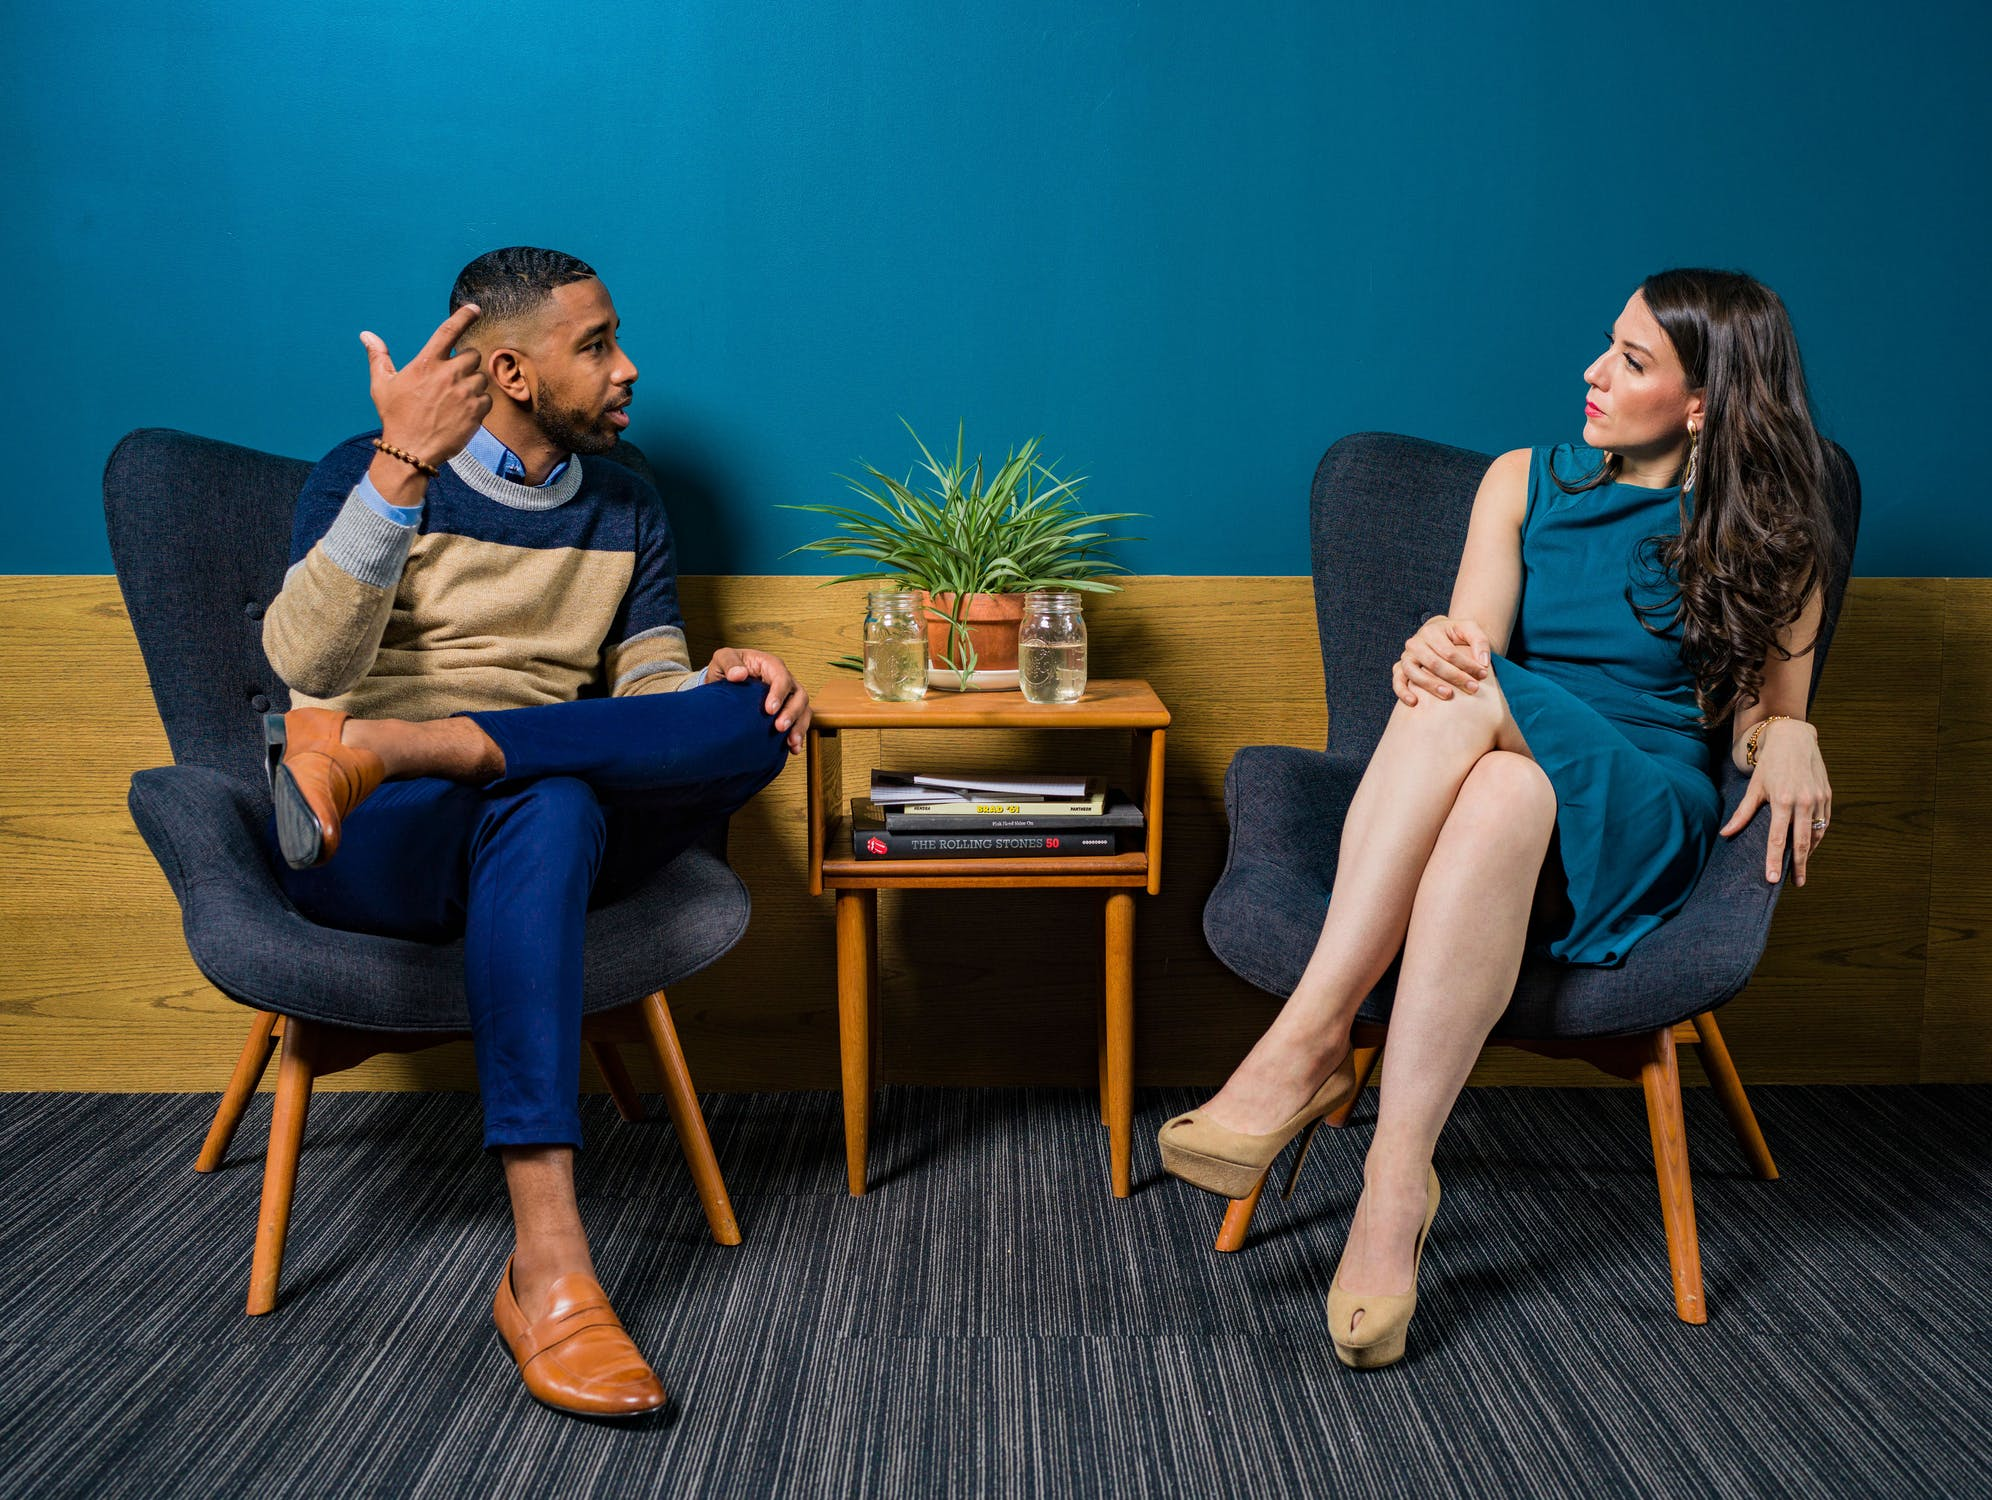 Samtale emner første date